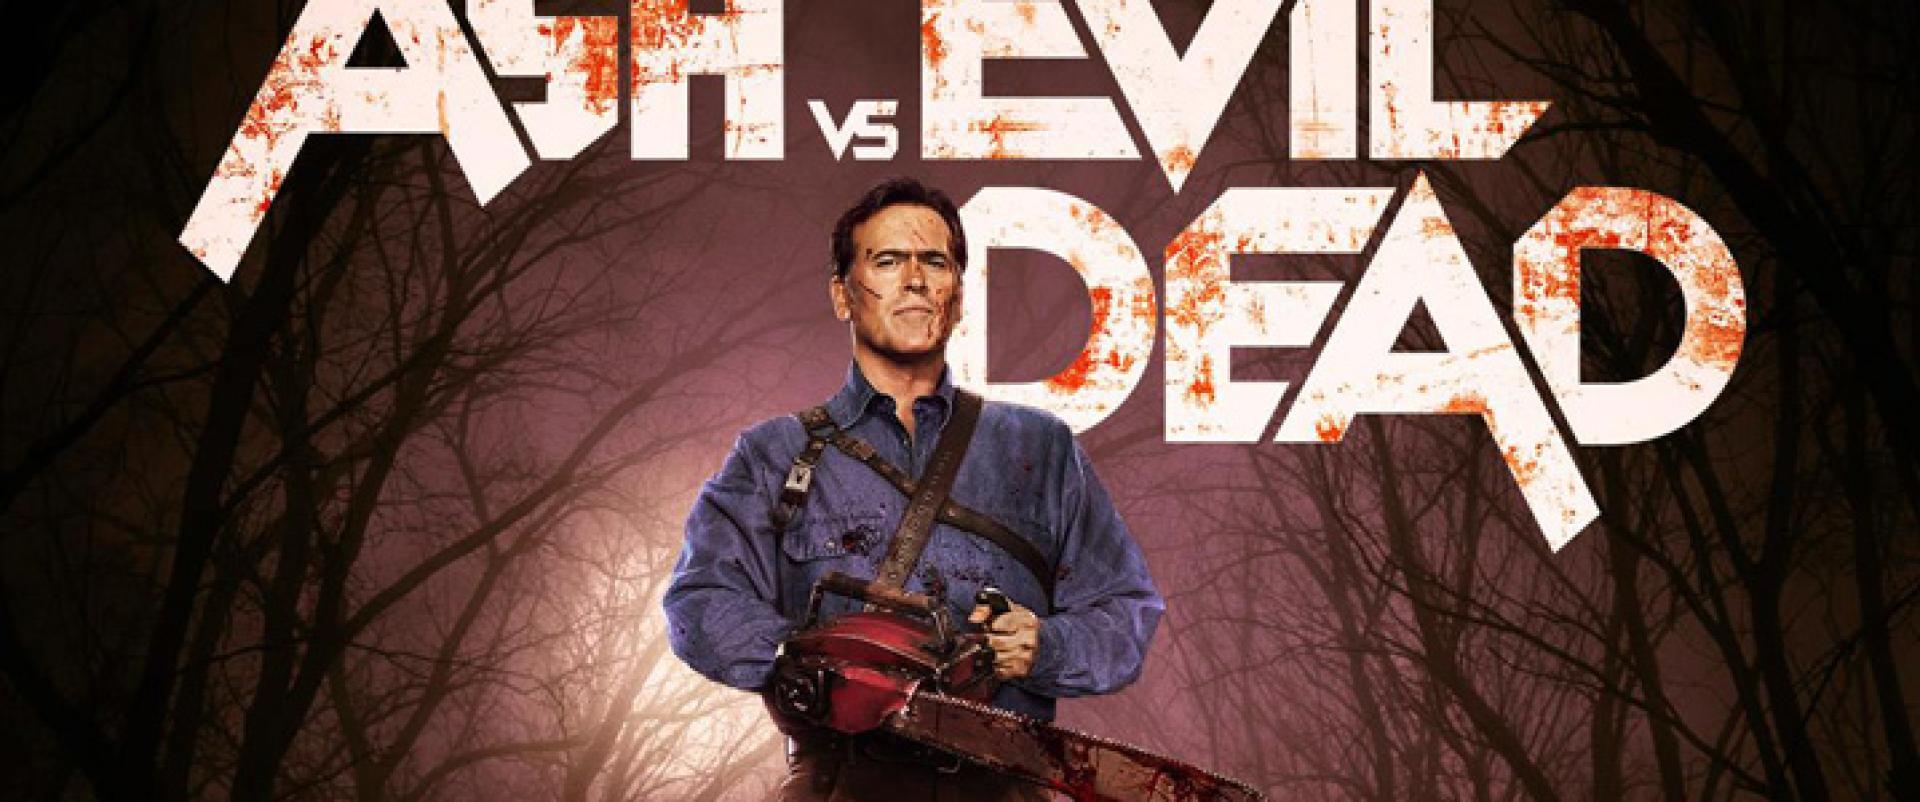 Ash vs. Evil Dead: még egy előzetes és képek